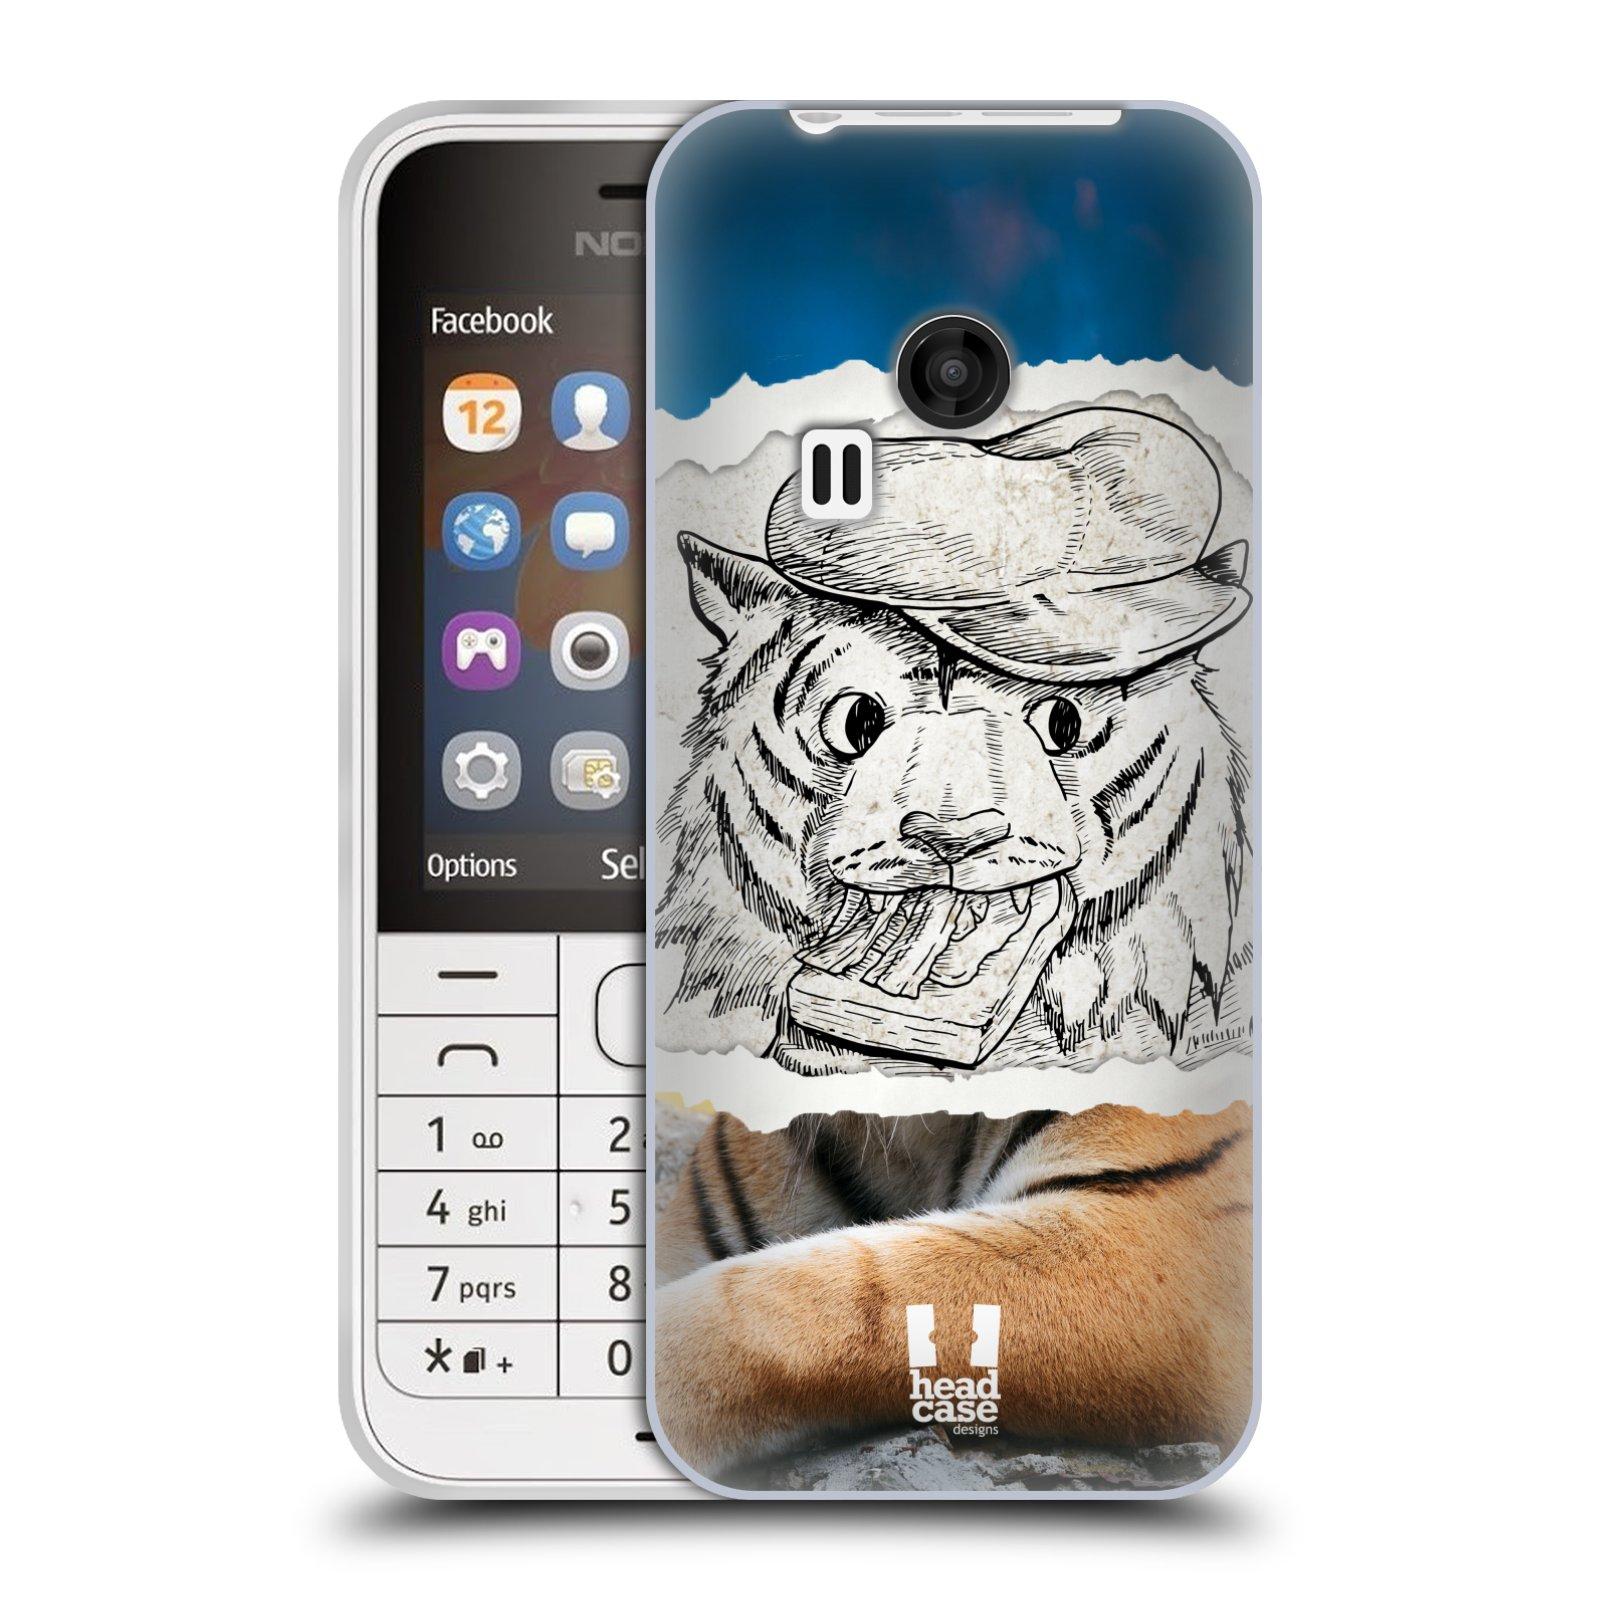 HEAD CASE silikonový obal na mobil NOKIA 220 / NOKIA 220 DUAL SIM vzor zvířata koláž tygr fešák